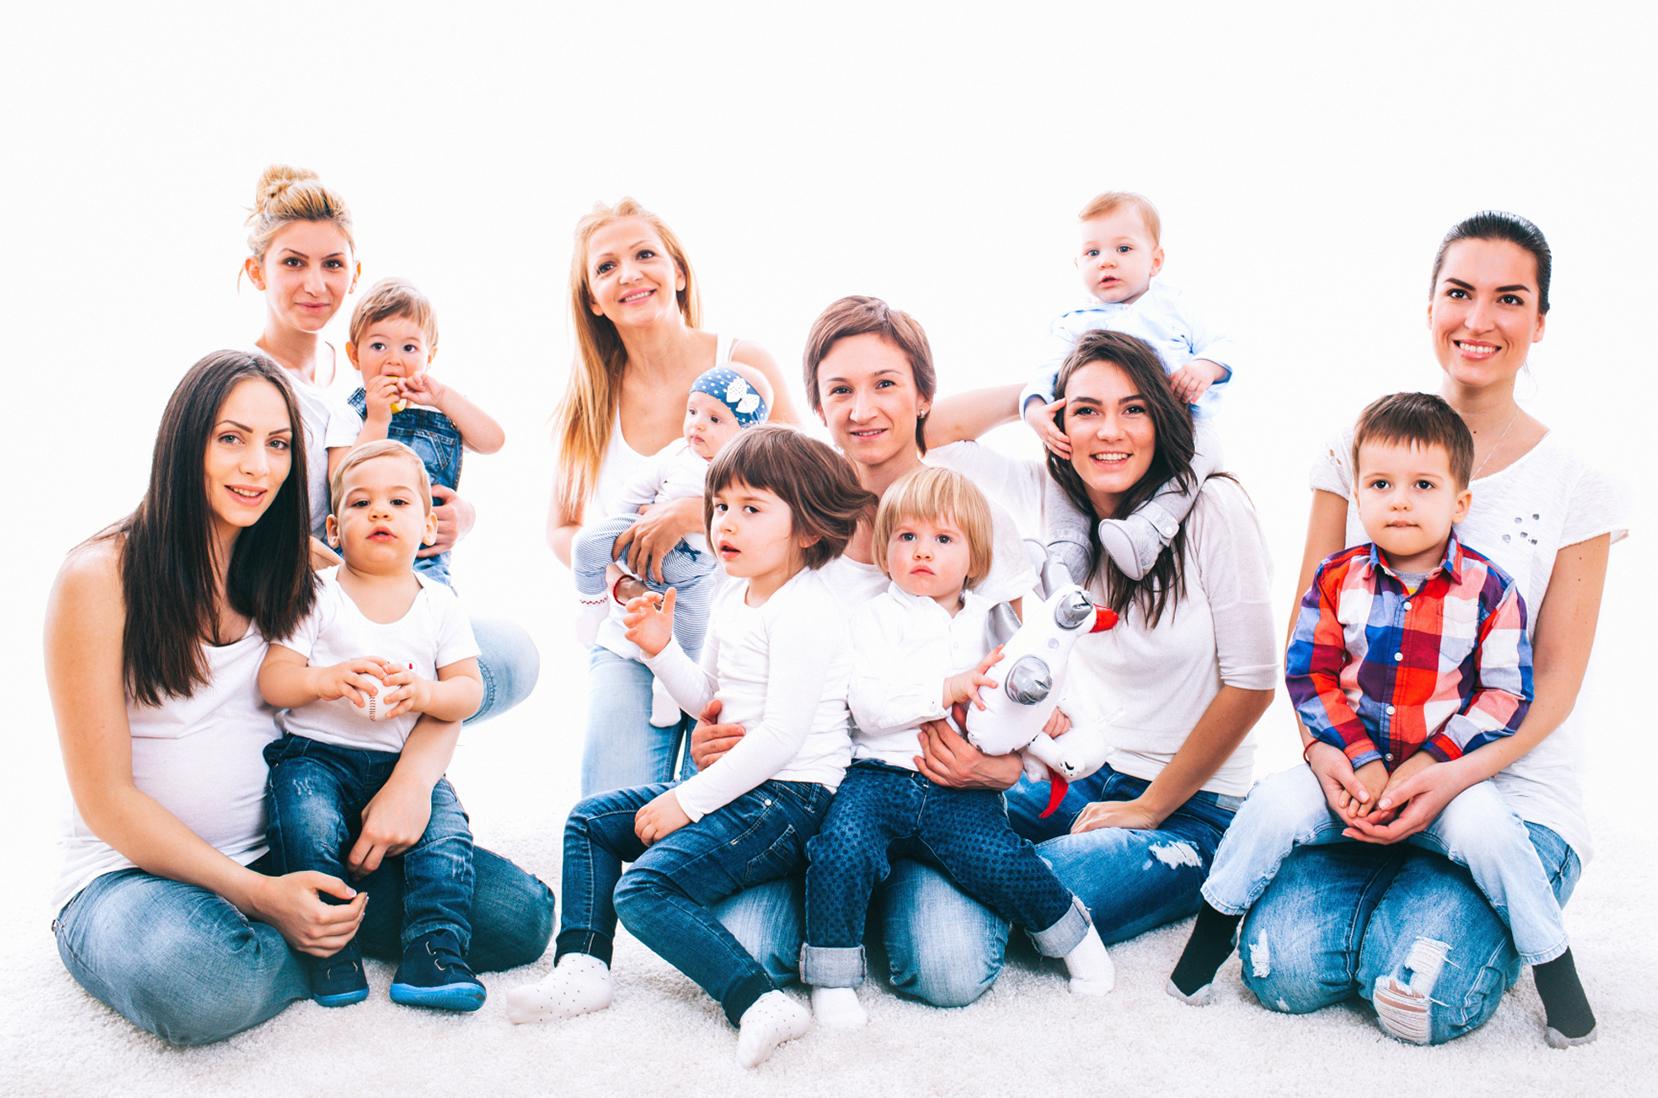 styling-tipps nach der schwangerschaft | advize